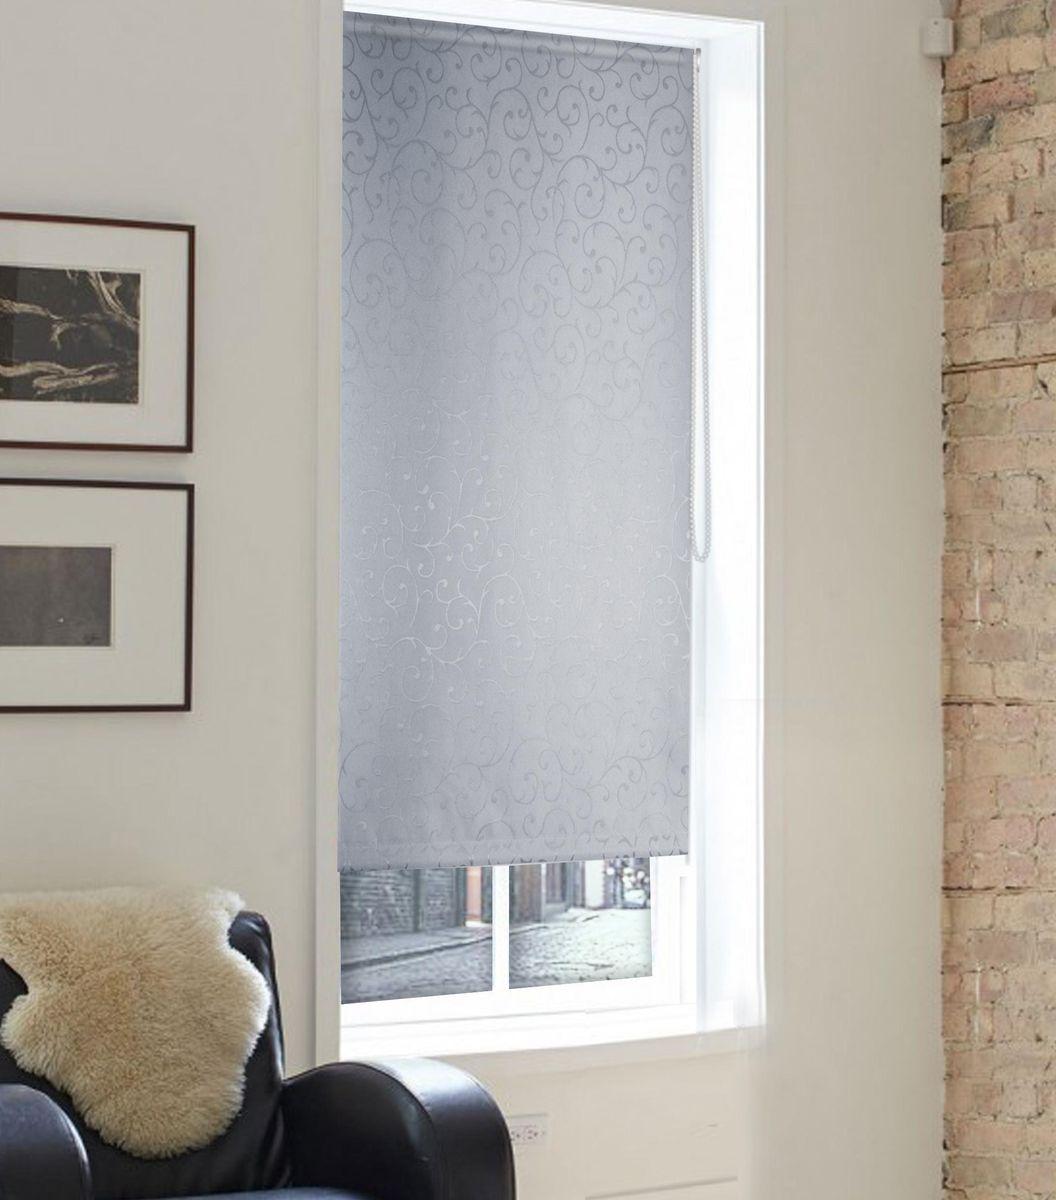 Штора рулонная Эскар Агат, цвет: серый, ширина 150 см, высота 160 смMW-3101Рулонными шторами можно оформлять окна как самостоятельно, так и использовать в комбинации с портьерами. Это поможет предотвратить выгорание дорогой ткани на солнце и соединит функционал рулонных с красотой навесных.Преимущества применения рулонных штор для пластиковых окон:- имеют прекрасный внешний вид: многообразие и фактурность материала изделия отлично смотрятся в любом интерьере; - многофункциональны: есть возможность подобрать шторы способные эффективно защитить комнату от солнца, при этом она не будет слишком темной.- Есть возможность осуществить быстрый монтаж.ВНИМАНИЕ! Размеры ширины изделия указаны по ширине ткани!Во время эксплуатации не рекомендуется полностью разматывать рулон, чтобы не оторвать ткань от намоточного вала.В случае загрязнения поверхности ткани, чистку шторы проводят одним из способов, в зависимости от типа загрязнения: легкое поверхностное загрязнение можно удалить при помощи канцелярского ластика; чистка от пыли производится сухим методом при помощи пылесоса с мягкой щеткой-насадкой; для удаления пятна используйте мягкую губку с пенообразующим неагрессивным моющим средством или пятновыводитель на натуральной основе (нельзя применять растворители).